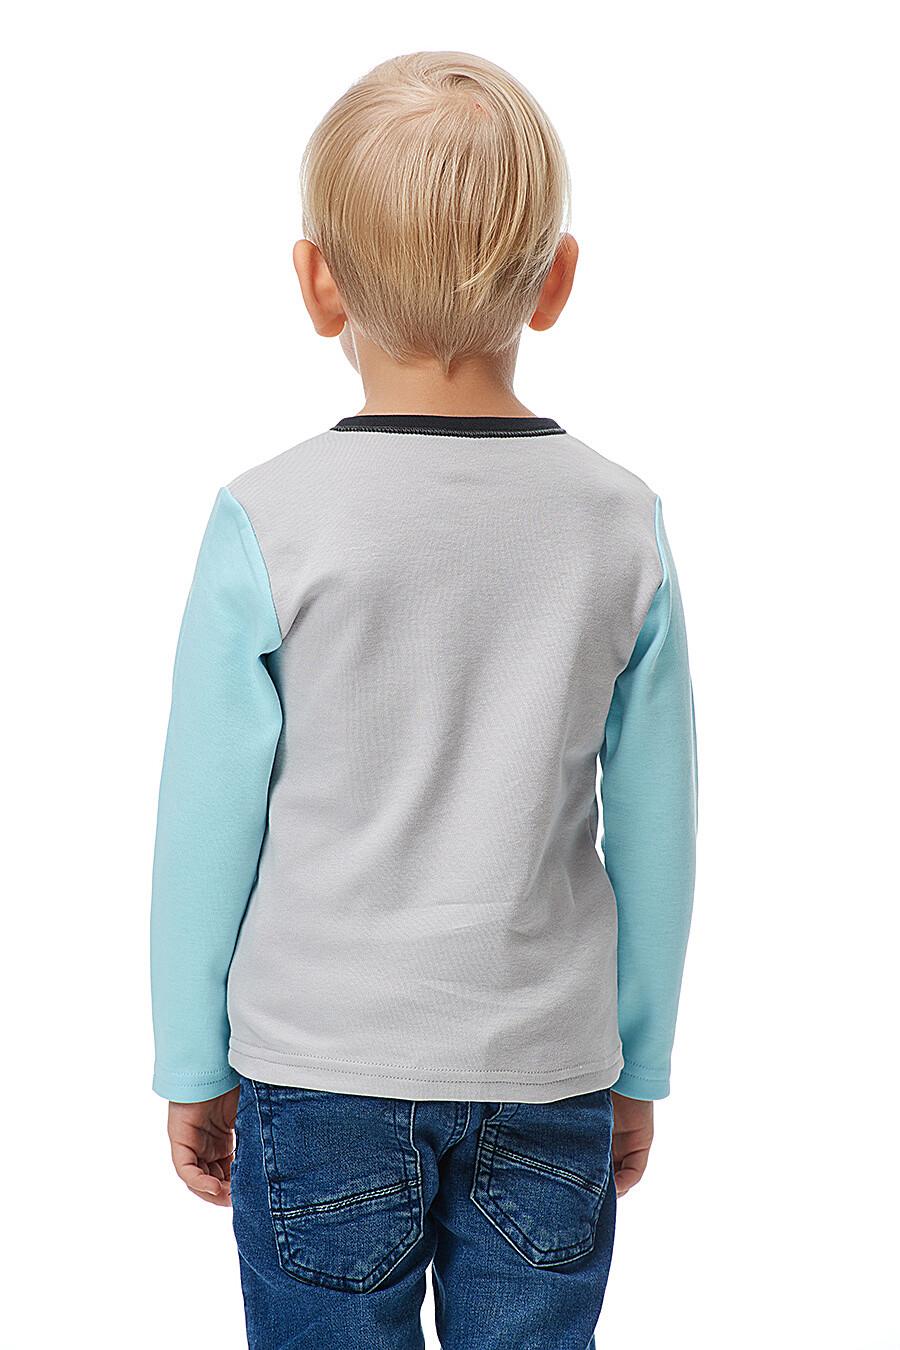 Джемпер LUCKY CHILD (184647), купить в Moyo.moda